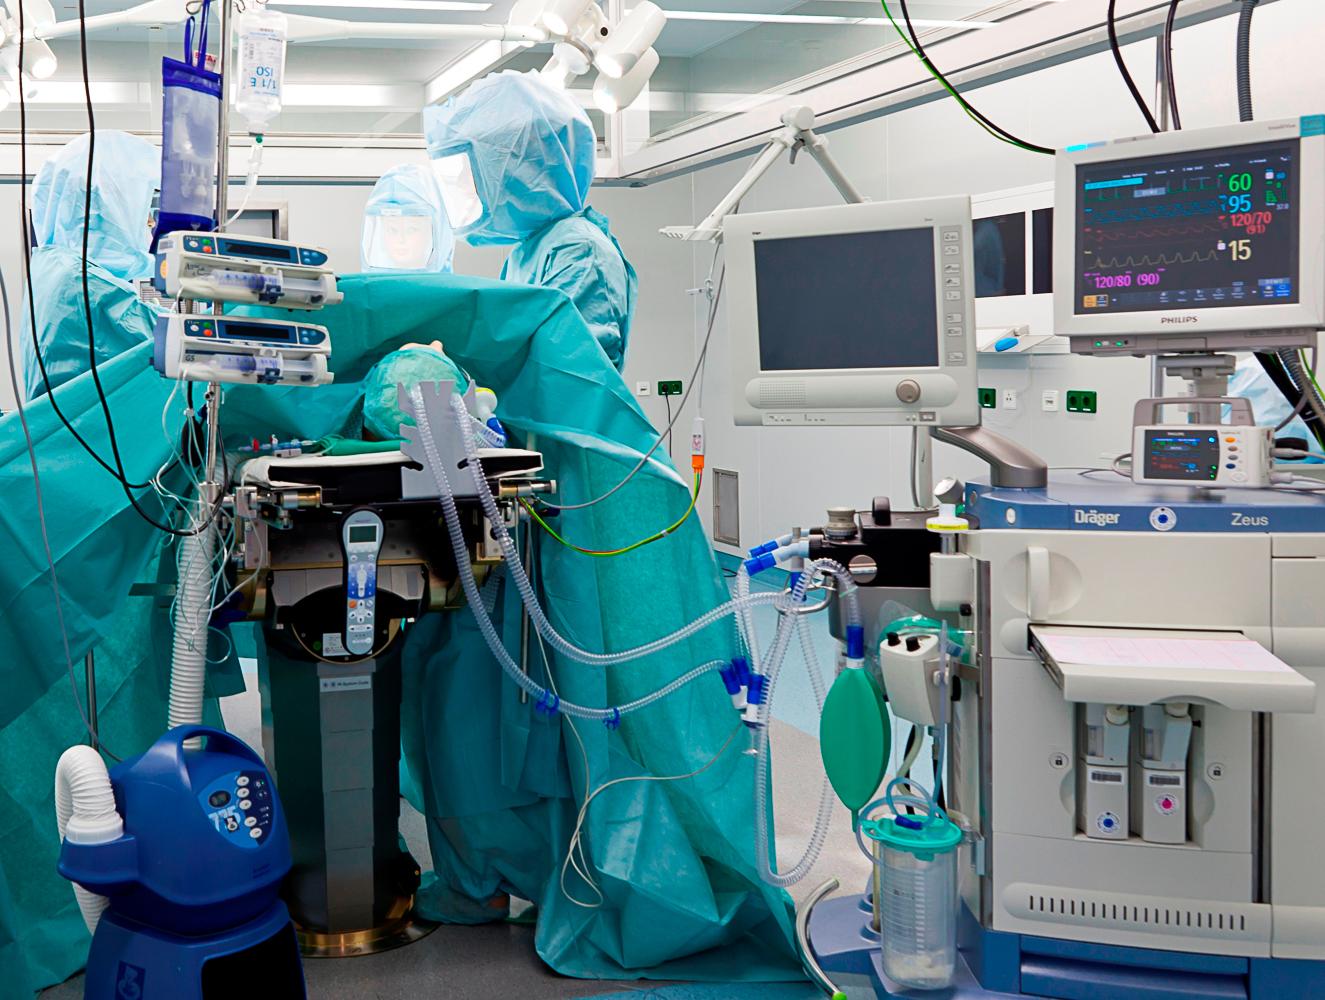 Reinraum-Operationssäle im  RKK Klinikum (© RKK Klinikum)-1